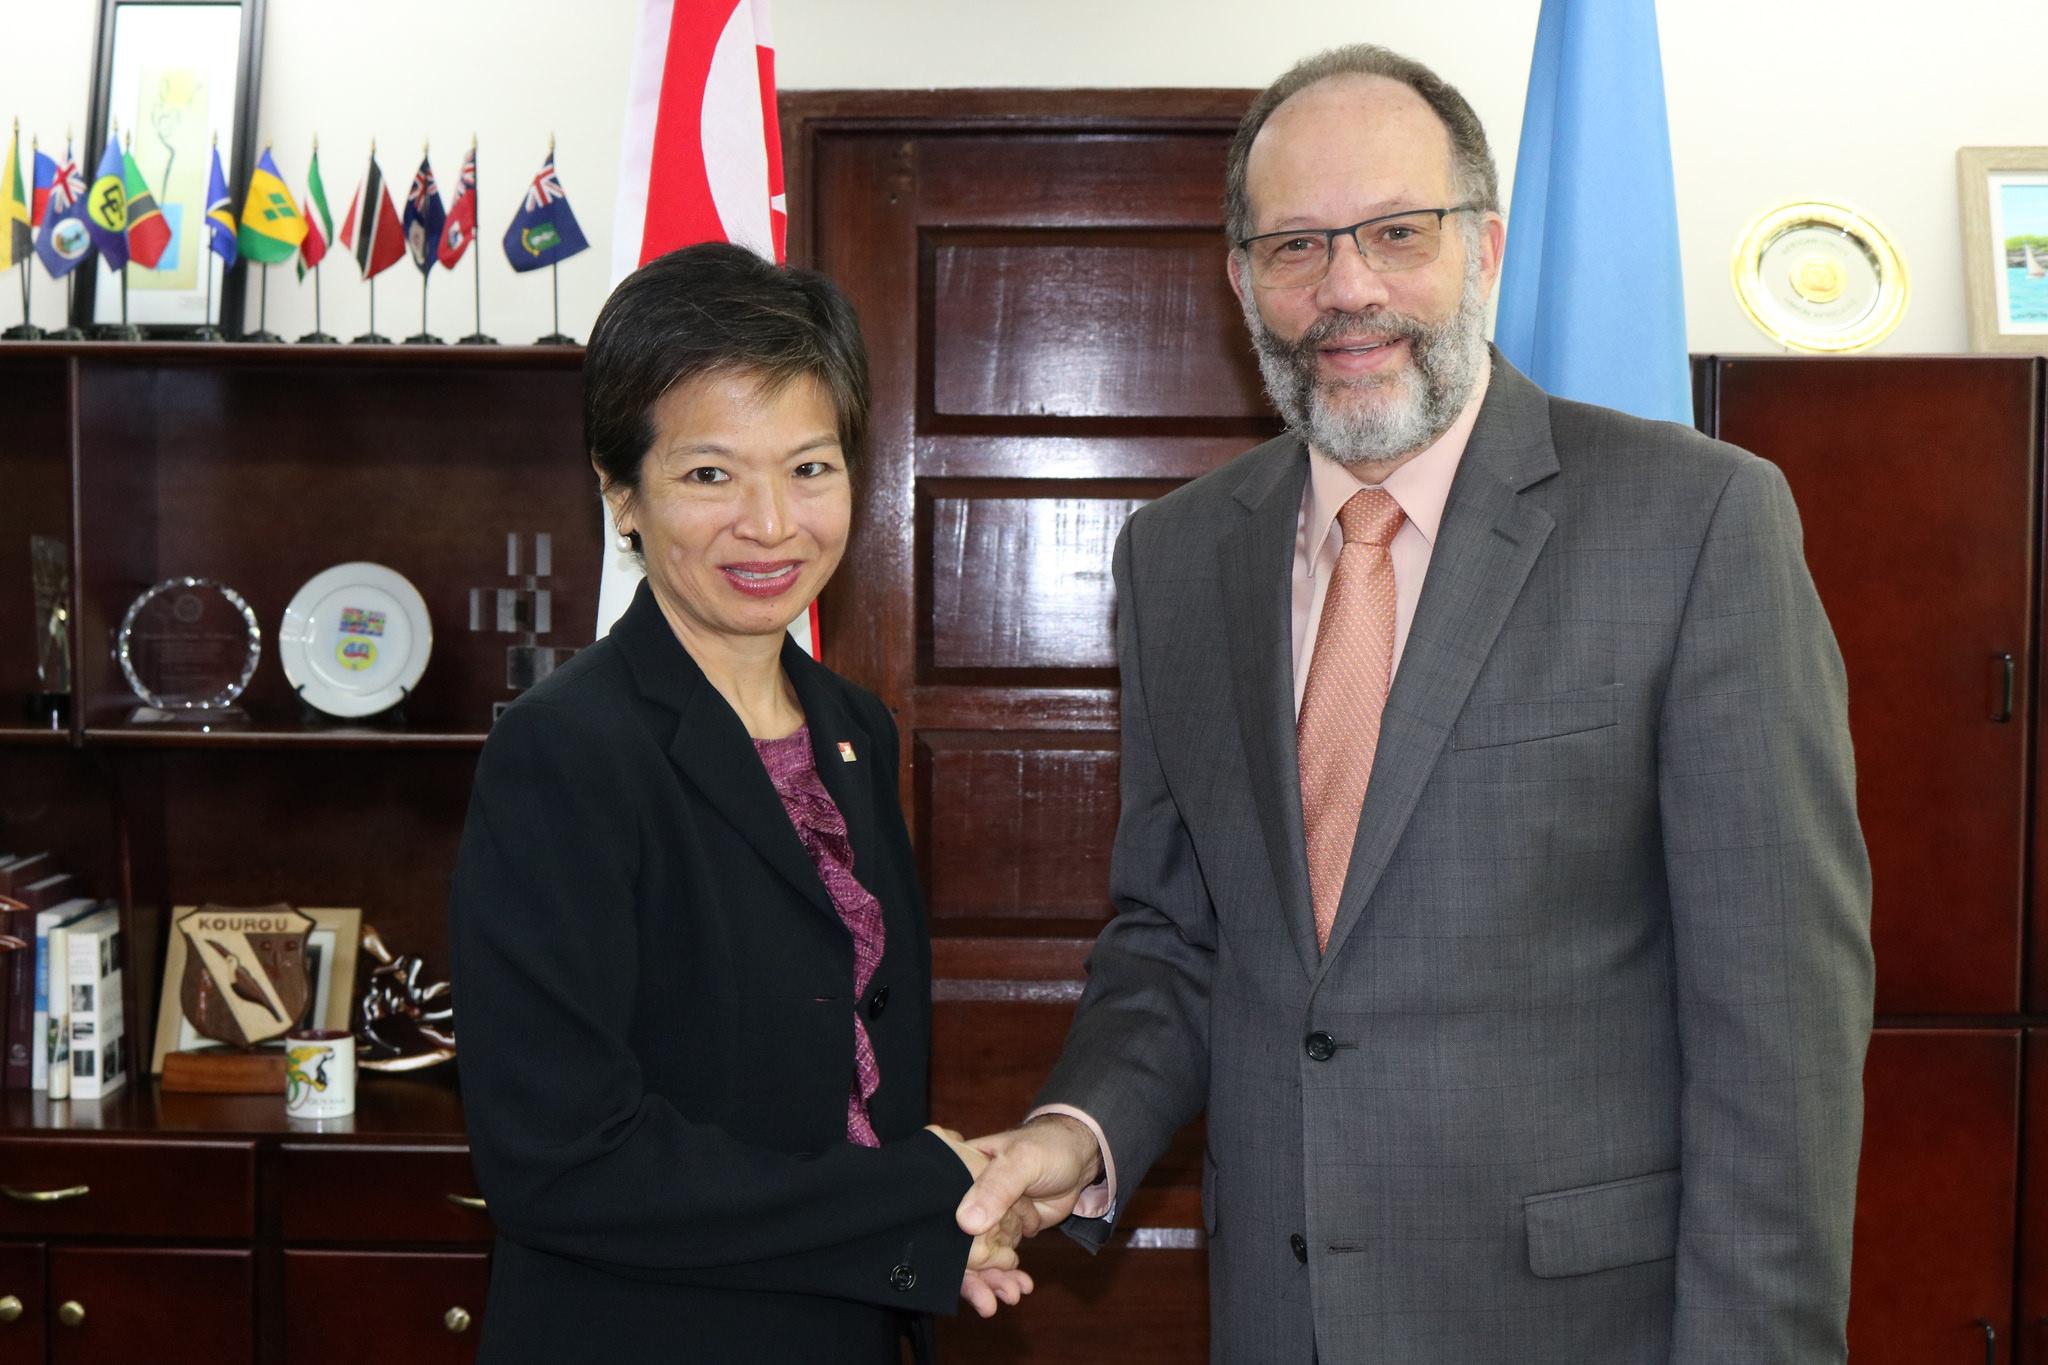 CARICOM Secretary-General Ambassador Irwin LaRocque welcomes Singapore's new Ambassador to CARICOM H.E. Karen Anne Tan Ping Ming